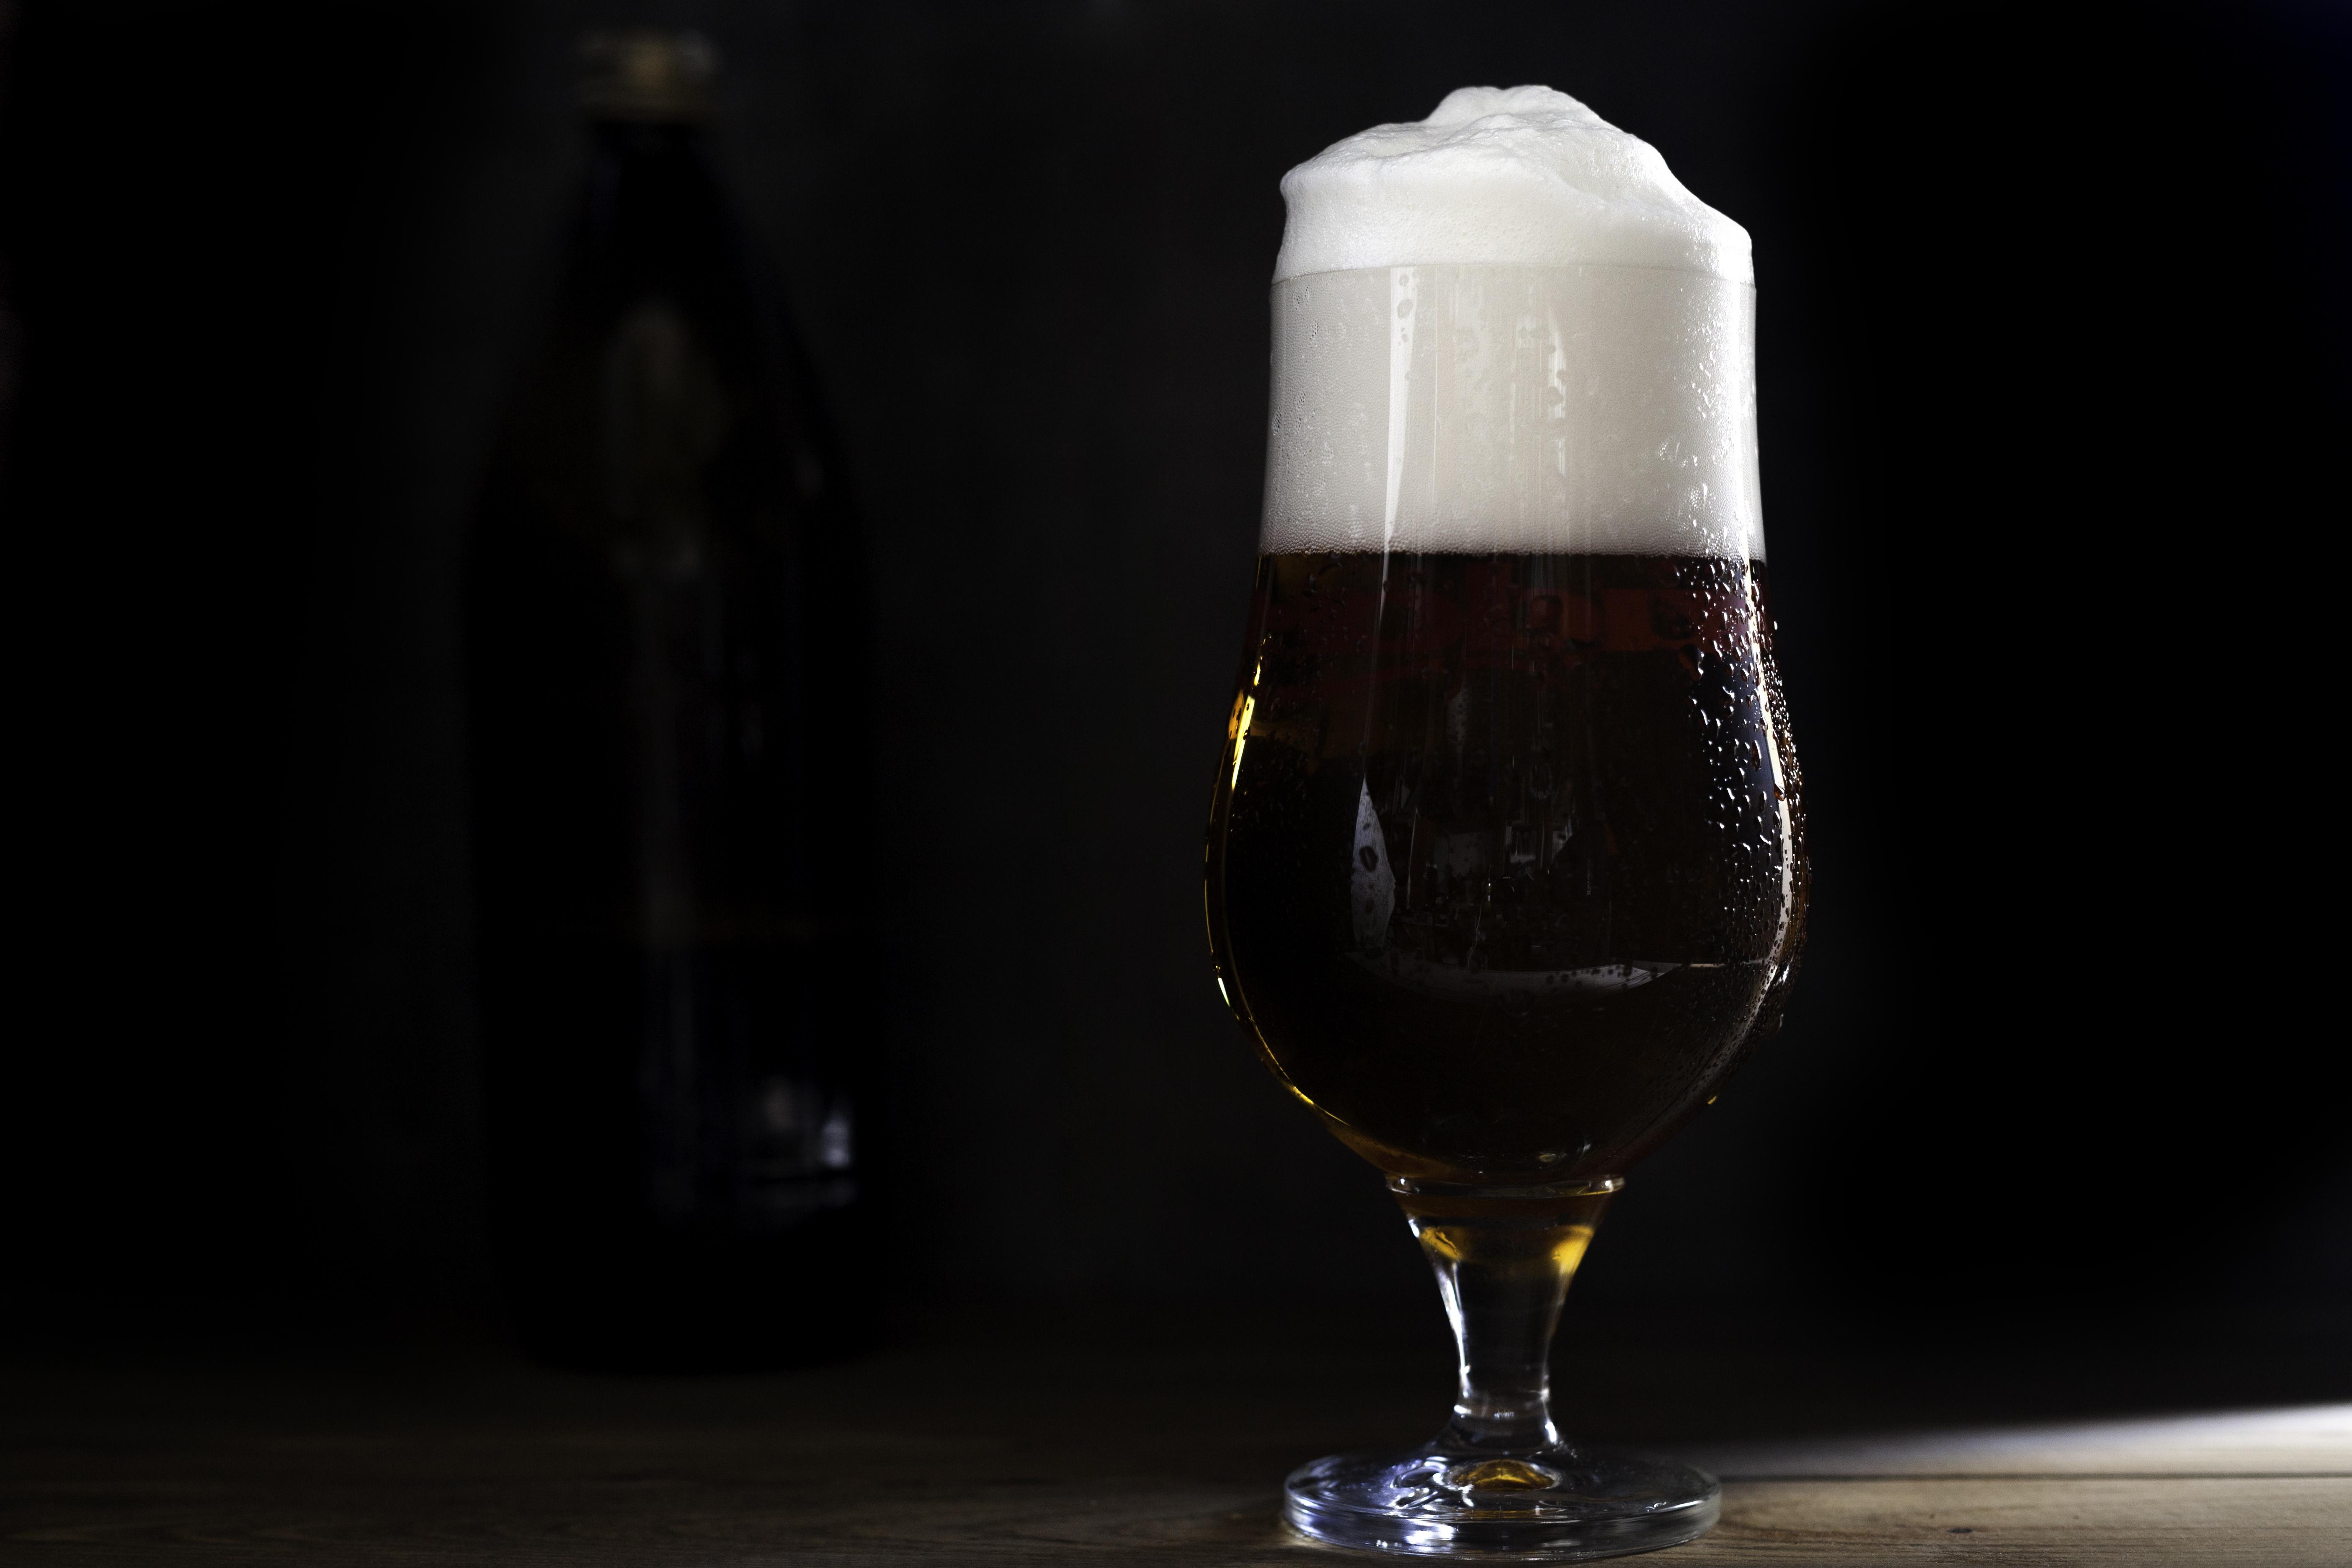 beer cup on dark